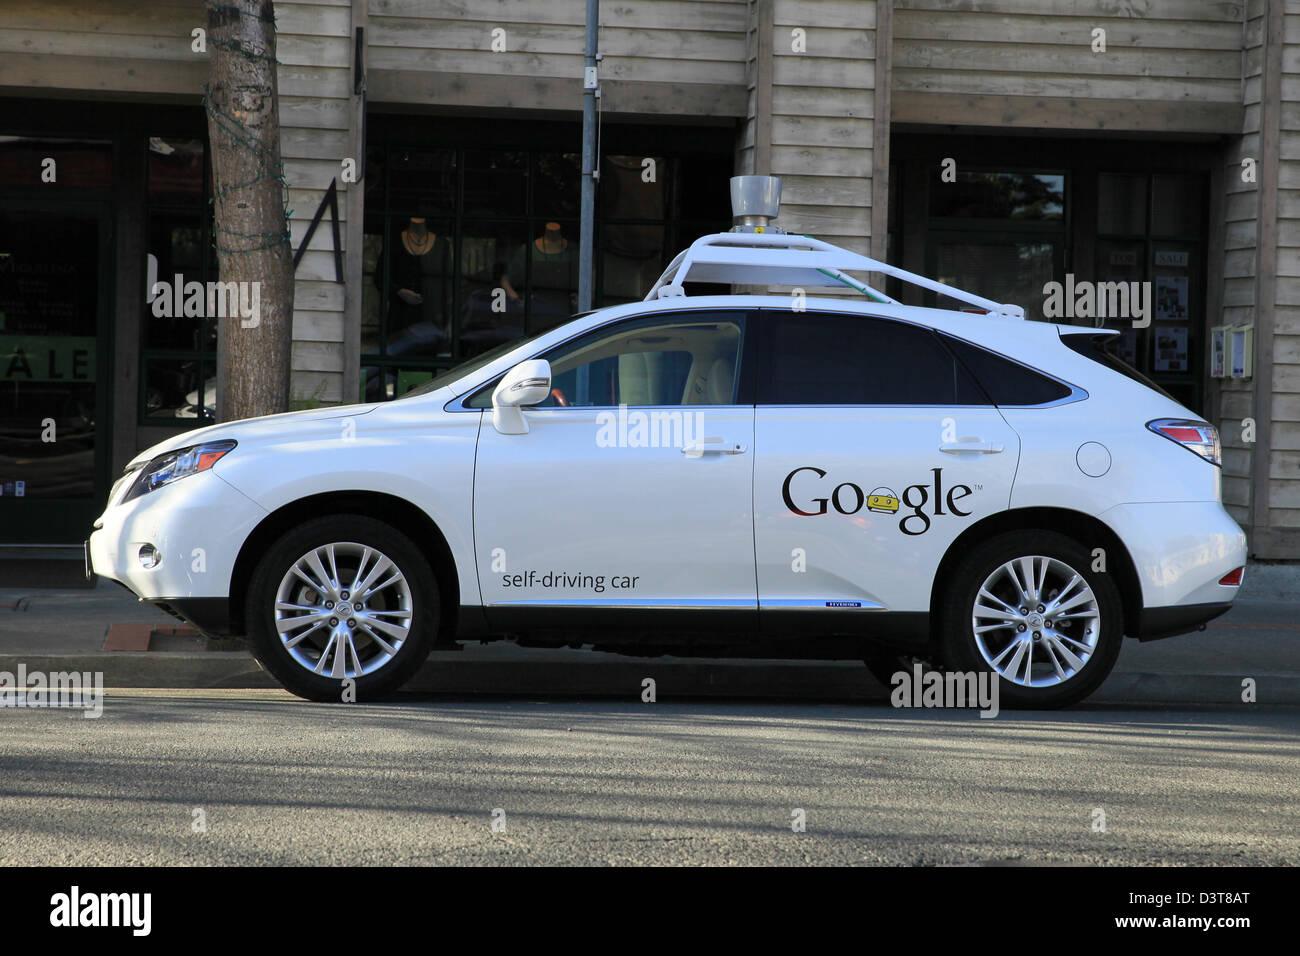 driverless car stock  driverless car stock images alamy